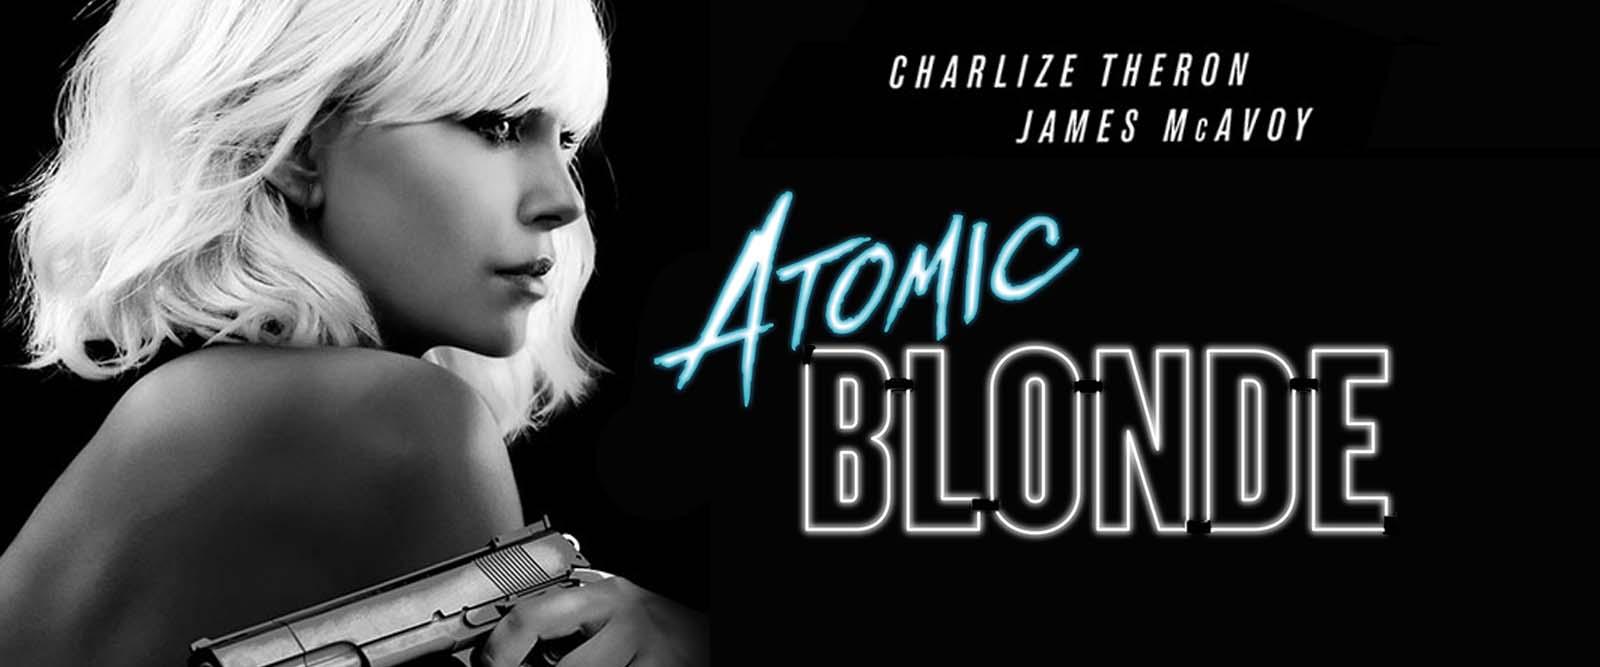 Atomic Blonde movies of 2017